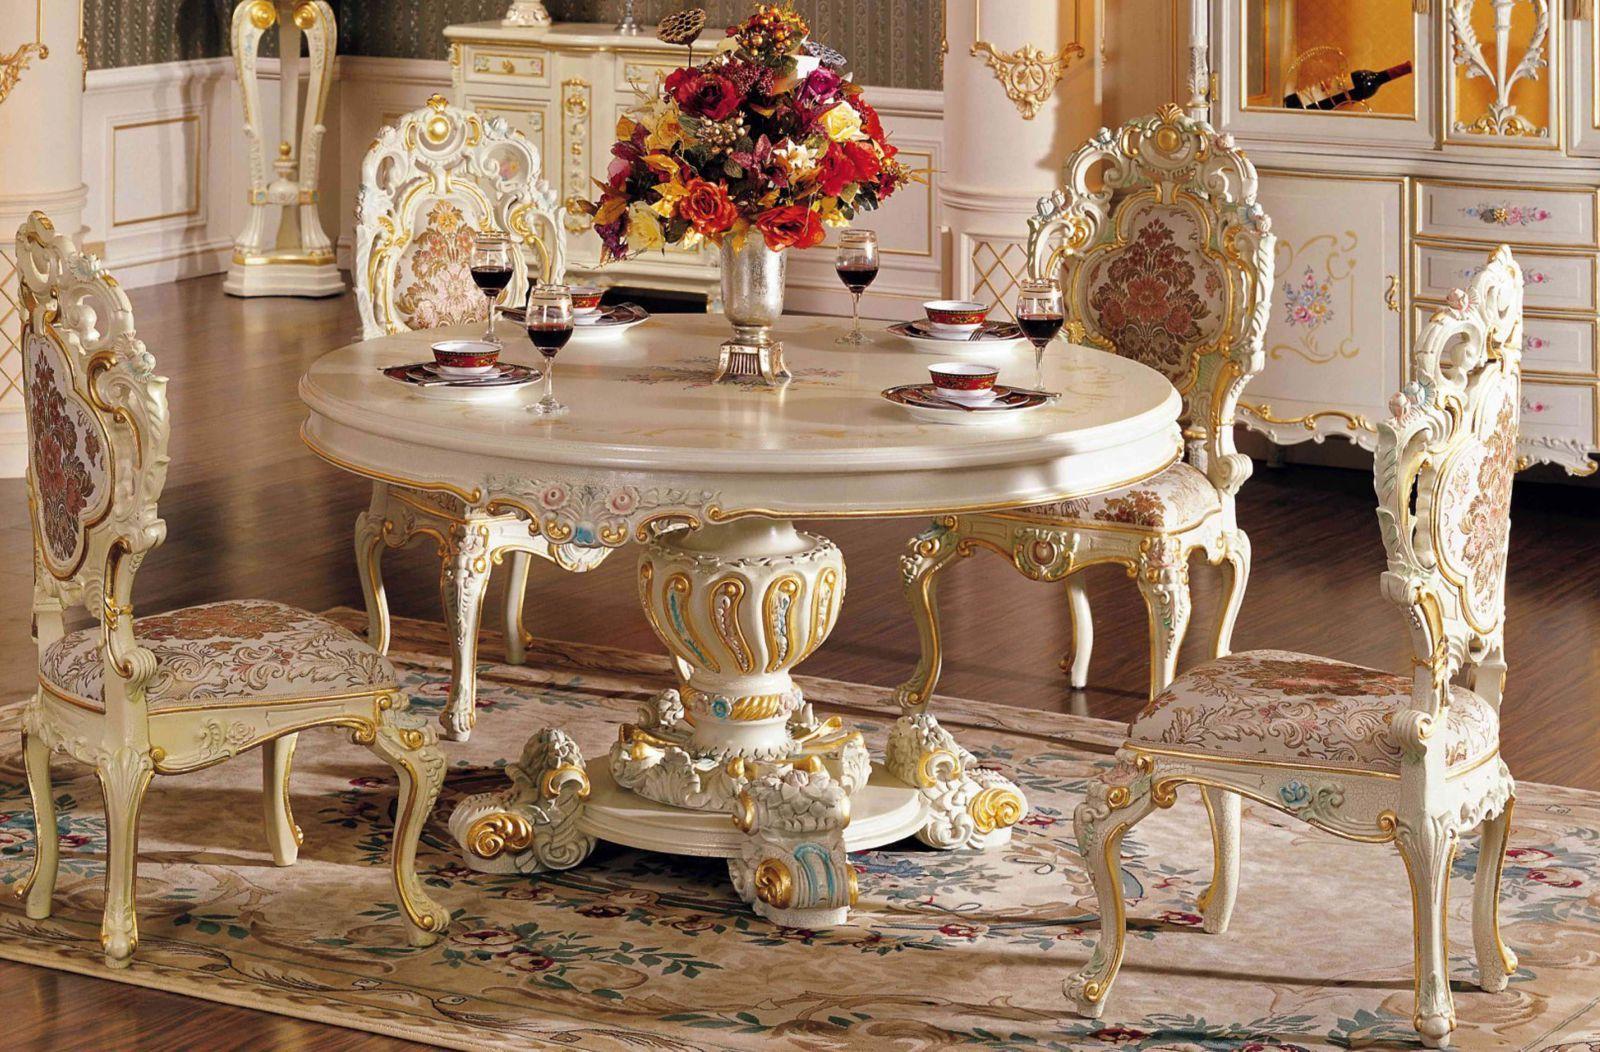 Мебель выполнена из дорогостоящих материалов: дерева редких пород, мрамора, слоновой кости, ореха